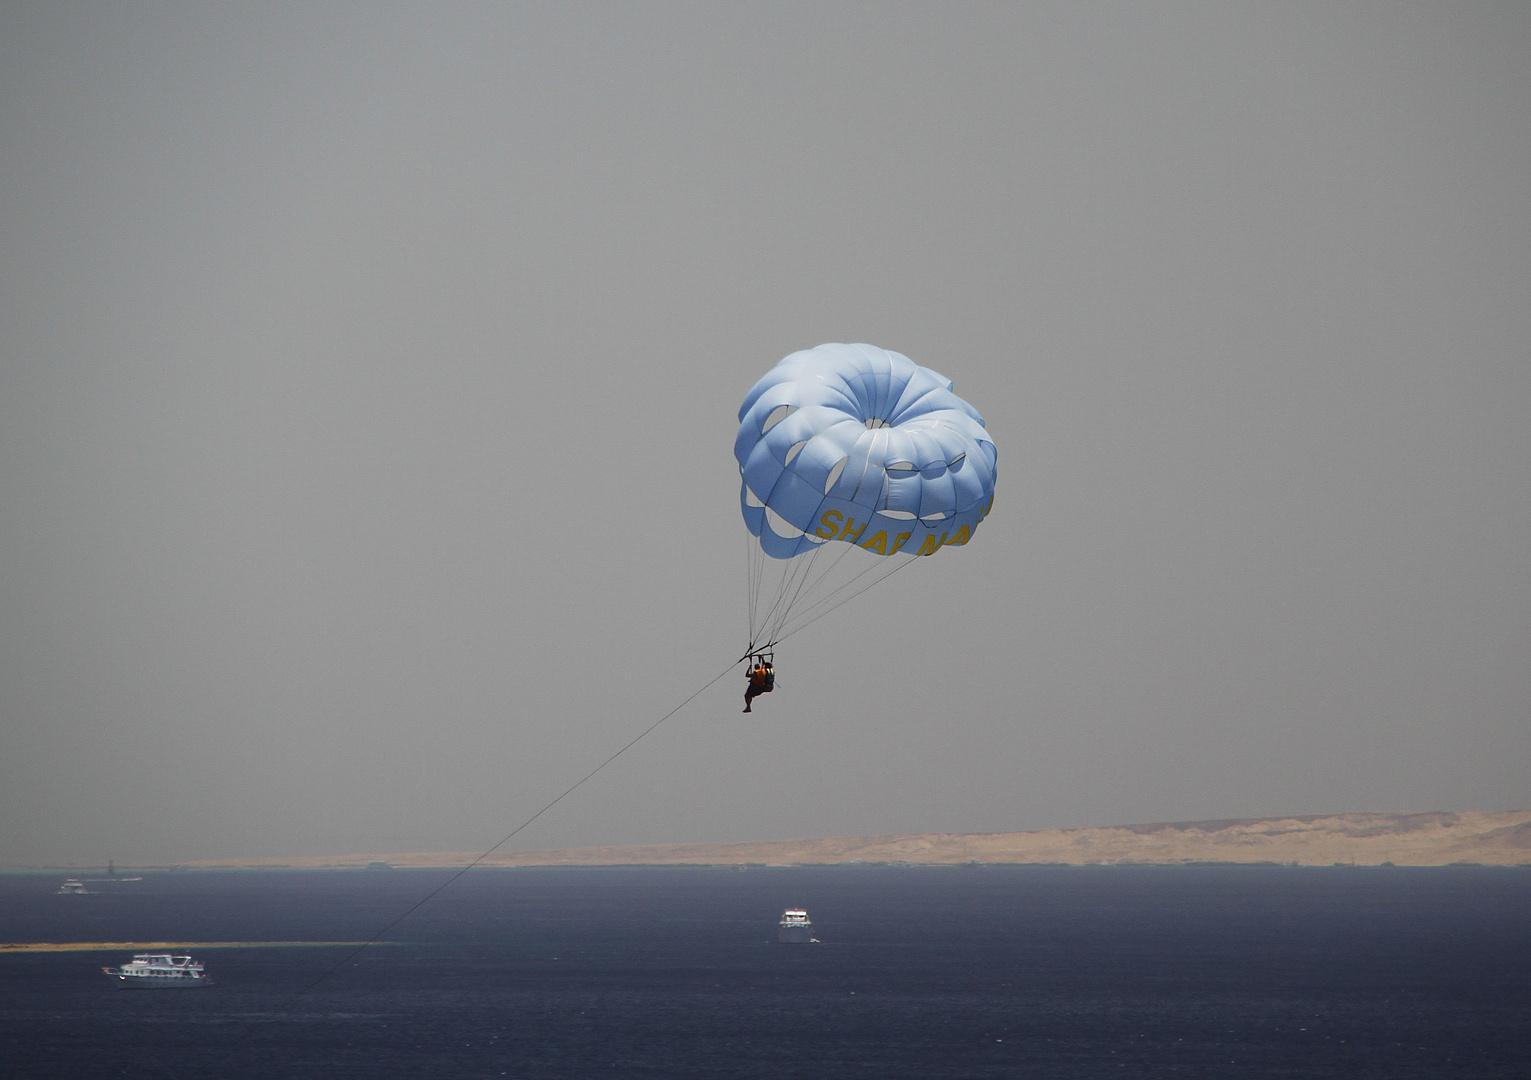 Volando sopra il Mare